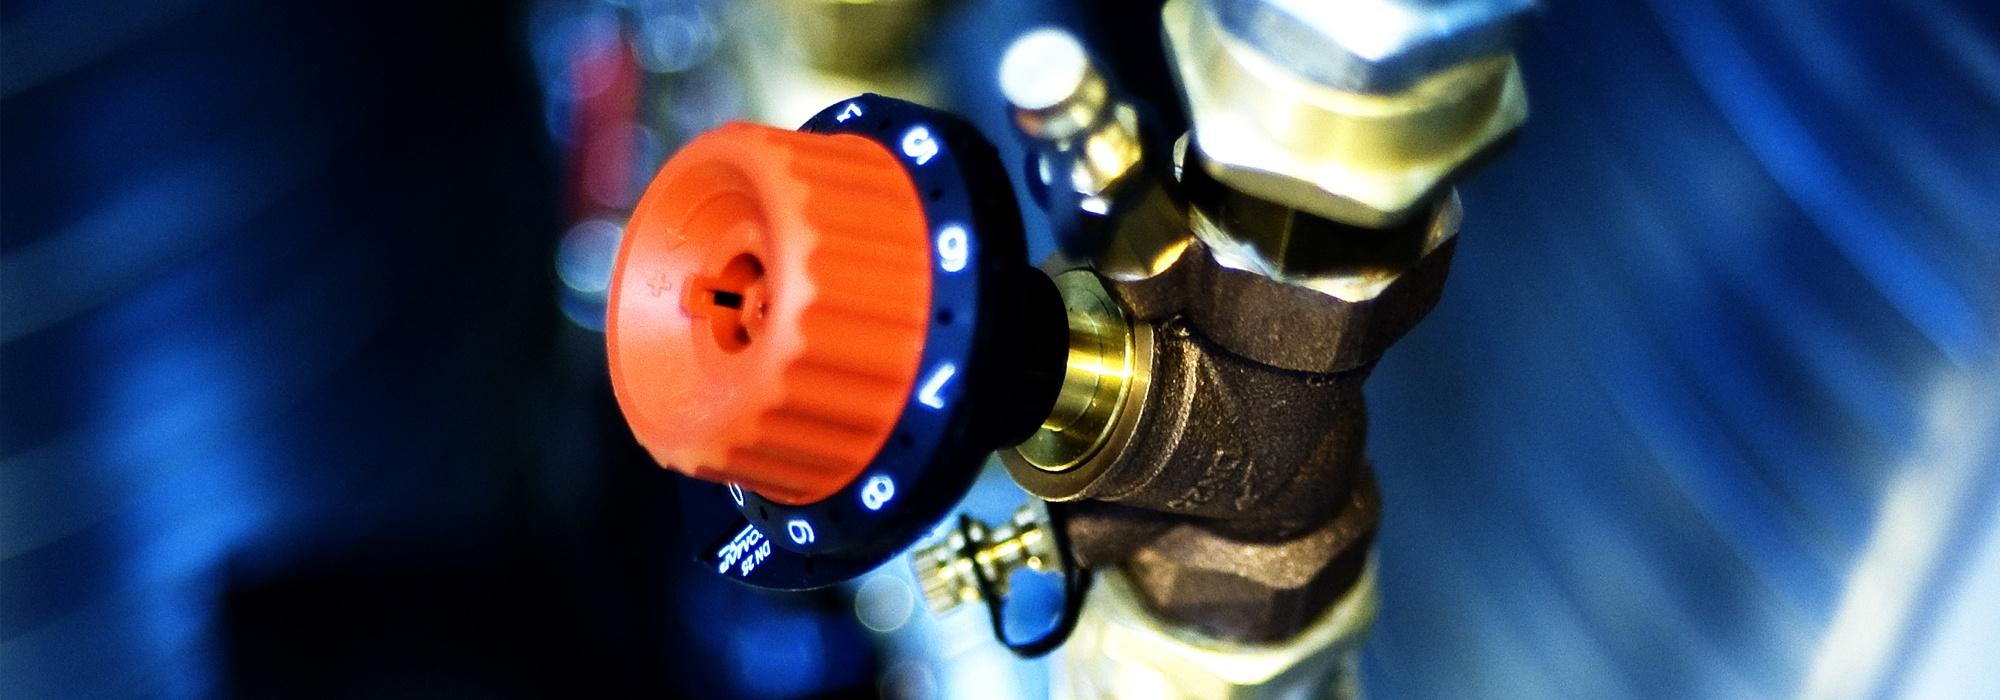 VB Drift, vedlikehold og service av VVS-anlegg.jpg